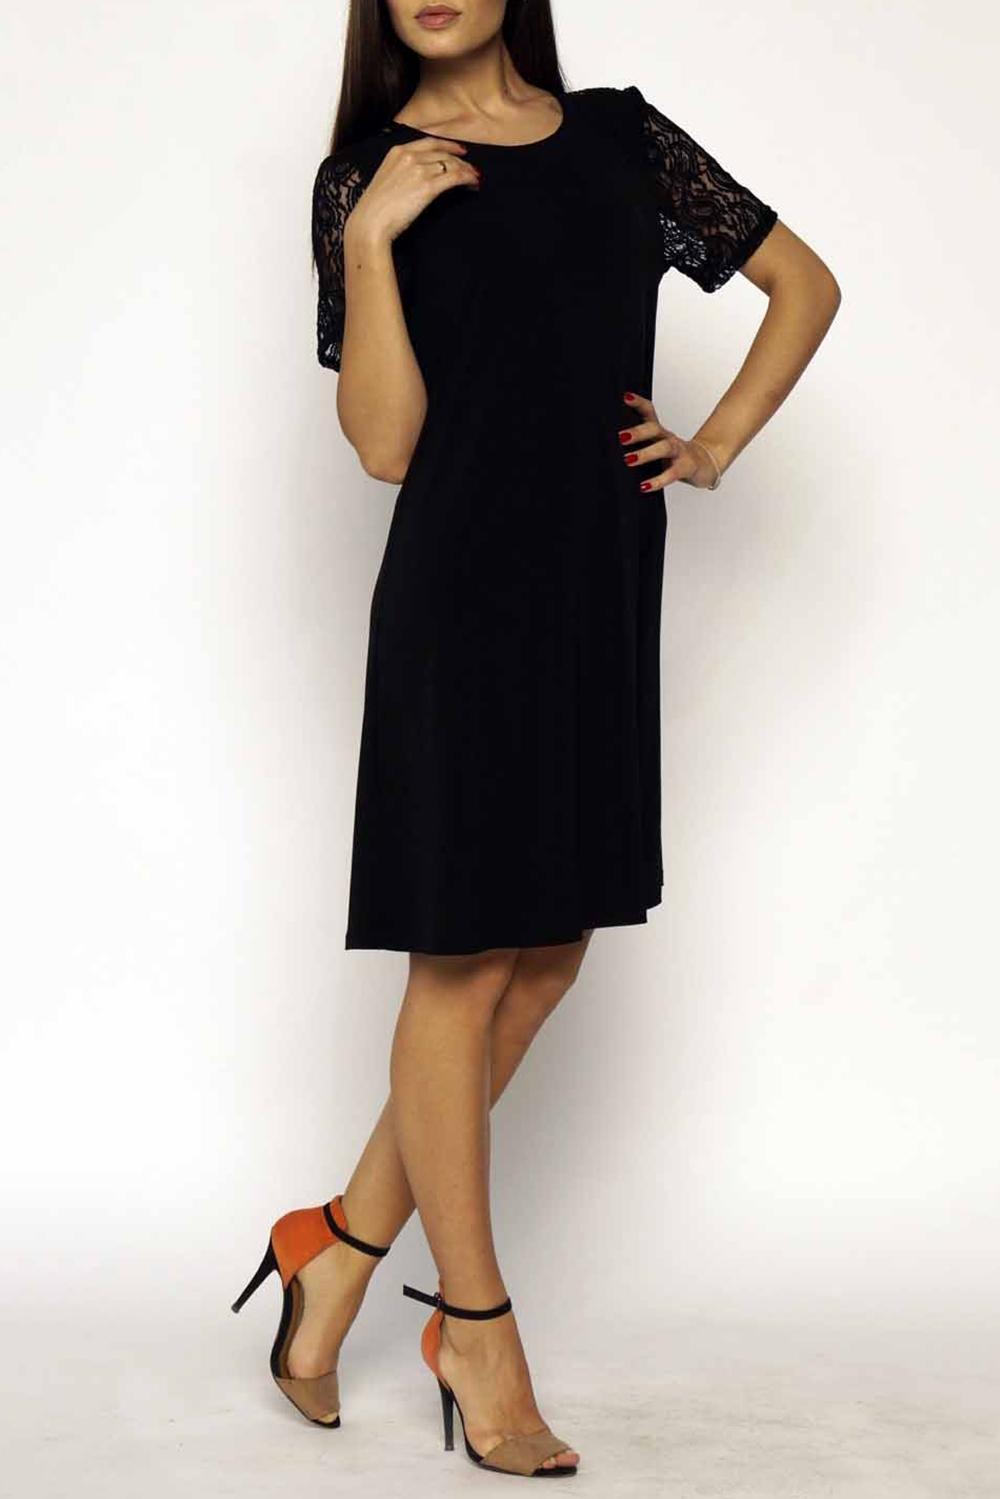 ПлатьеПлатья<br>Клешеное платье с коротким рукавом и круглым вырезом горловины. Изделие выполнено из комфортного трикотажного полотна. В боковых швах имеются карманы, рукава и вставка на спинке выполнены из кружева.  Длина изделия 85 см.  В изделии использованы цвета: черный  Ростовка изделия 170 см.<br><br>Горловина: С- горловина<br>По длине: До колена<br>По материалу: Гипюр,Трикотаж<br>По рисунку: Однотонные<br>По сезону: Весна,Зима,Лето,Осень,Всесезон<br>По силуэту: Полуприталенные<br>По стилю: Нарядный стиль,Повседневный стиль<br>По форме: Платье - трапеция<br>Рукав: Короткий рукав<br>Размер : 40-42,44-46<br>Материал: Холодное масло + Гипюр<br>Количество в наличии: 2